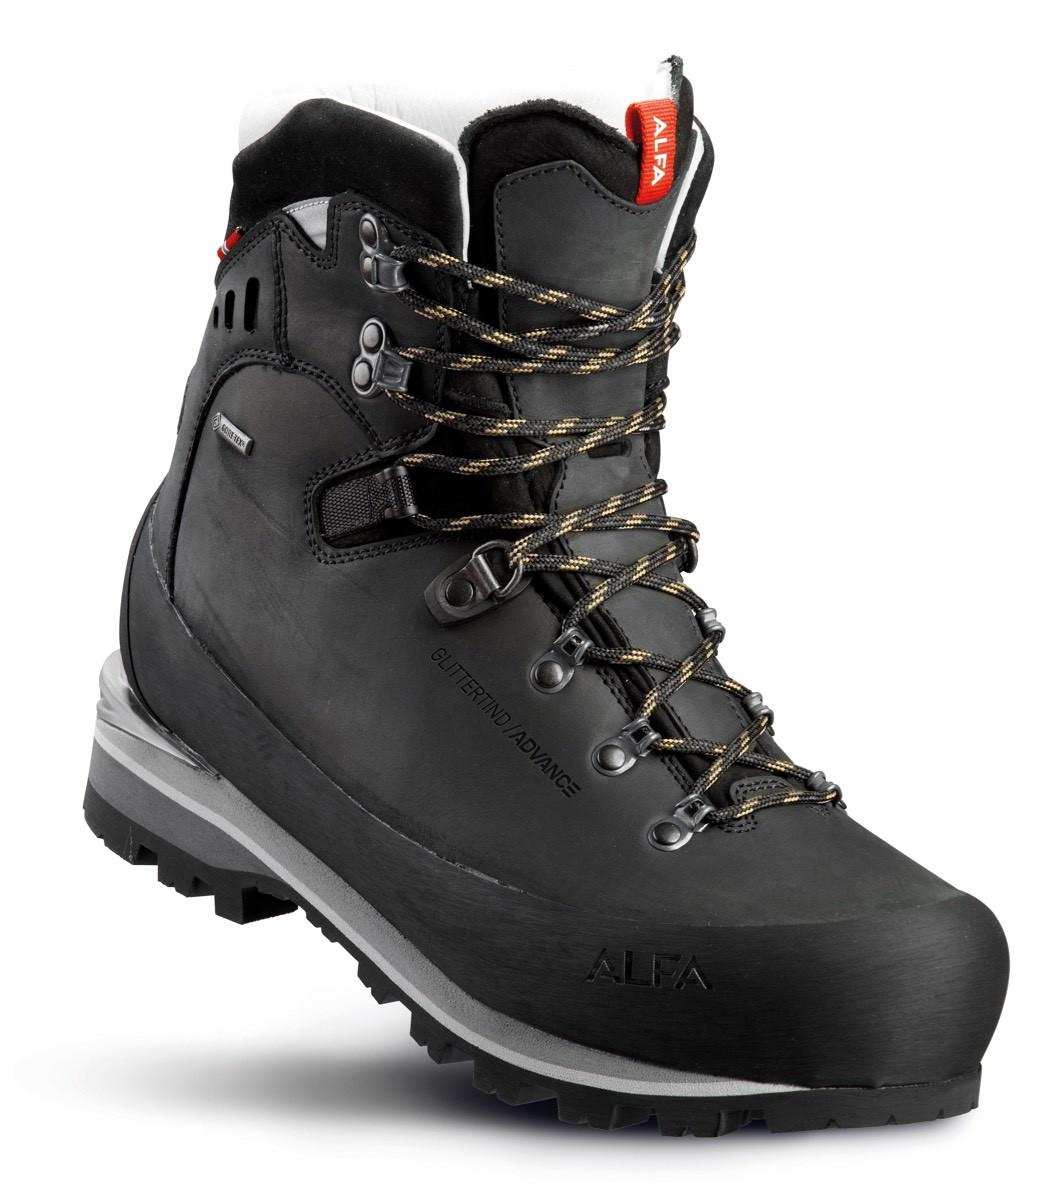 100% høy kvalitet kampanjekoder kjøpe billig støvler sport